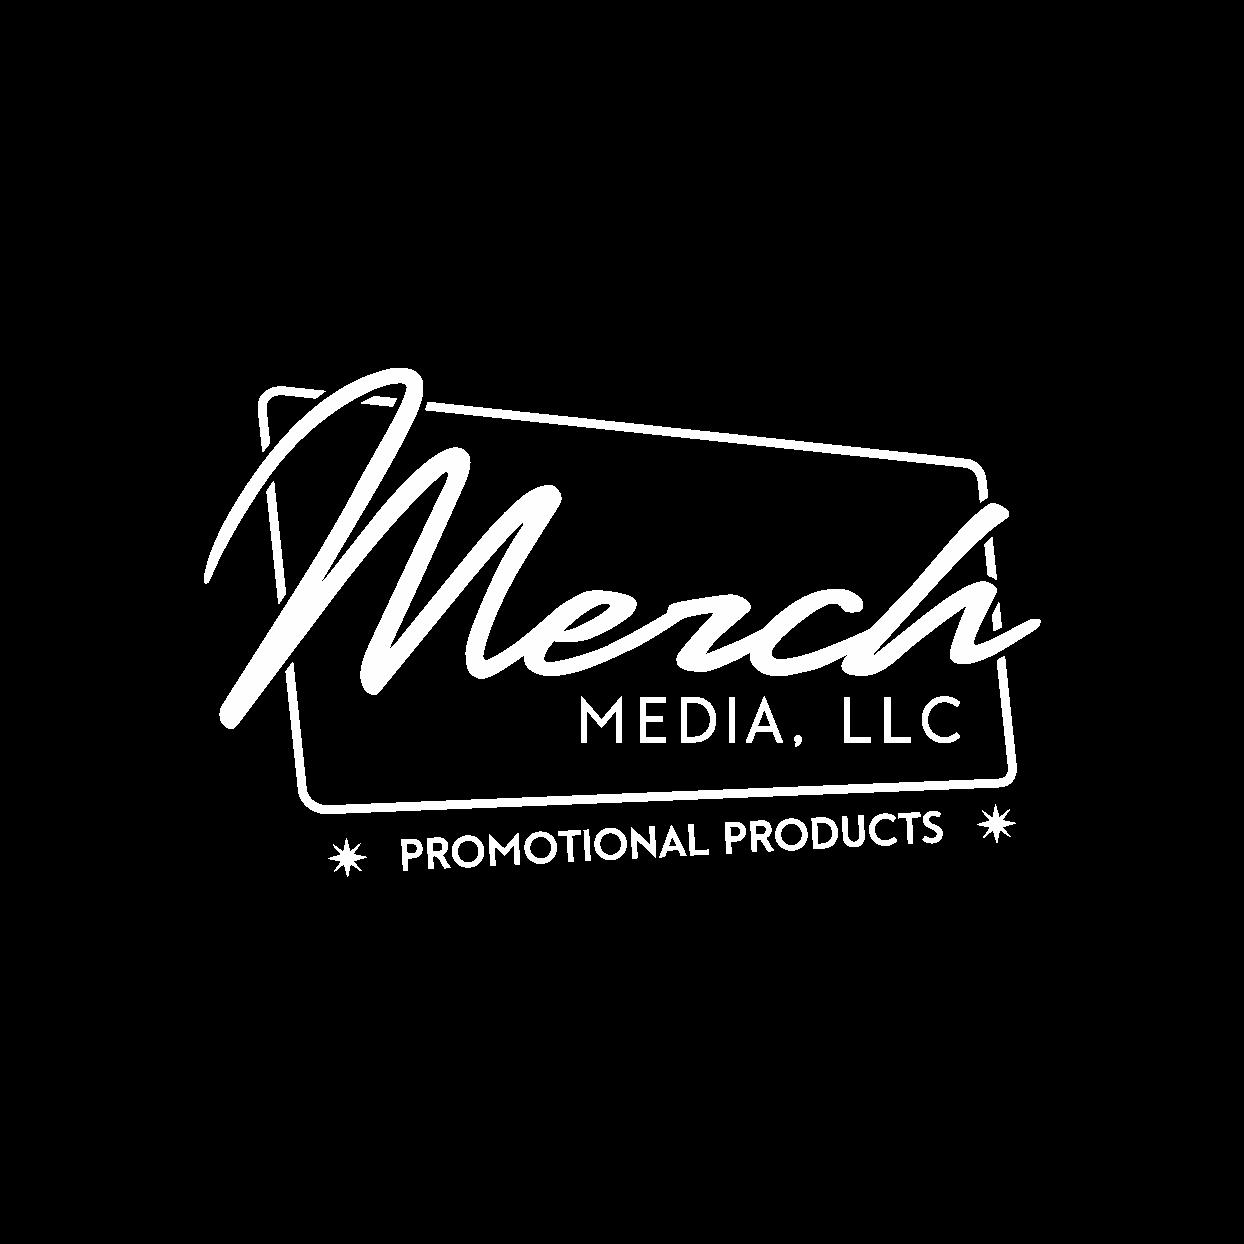 logo-imerch-white@2x.png